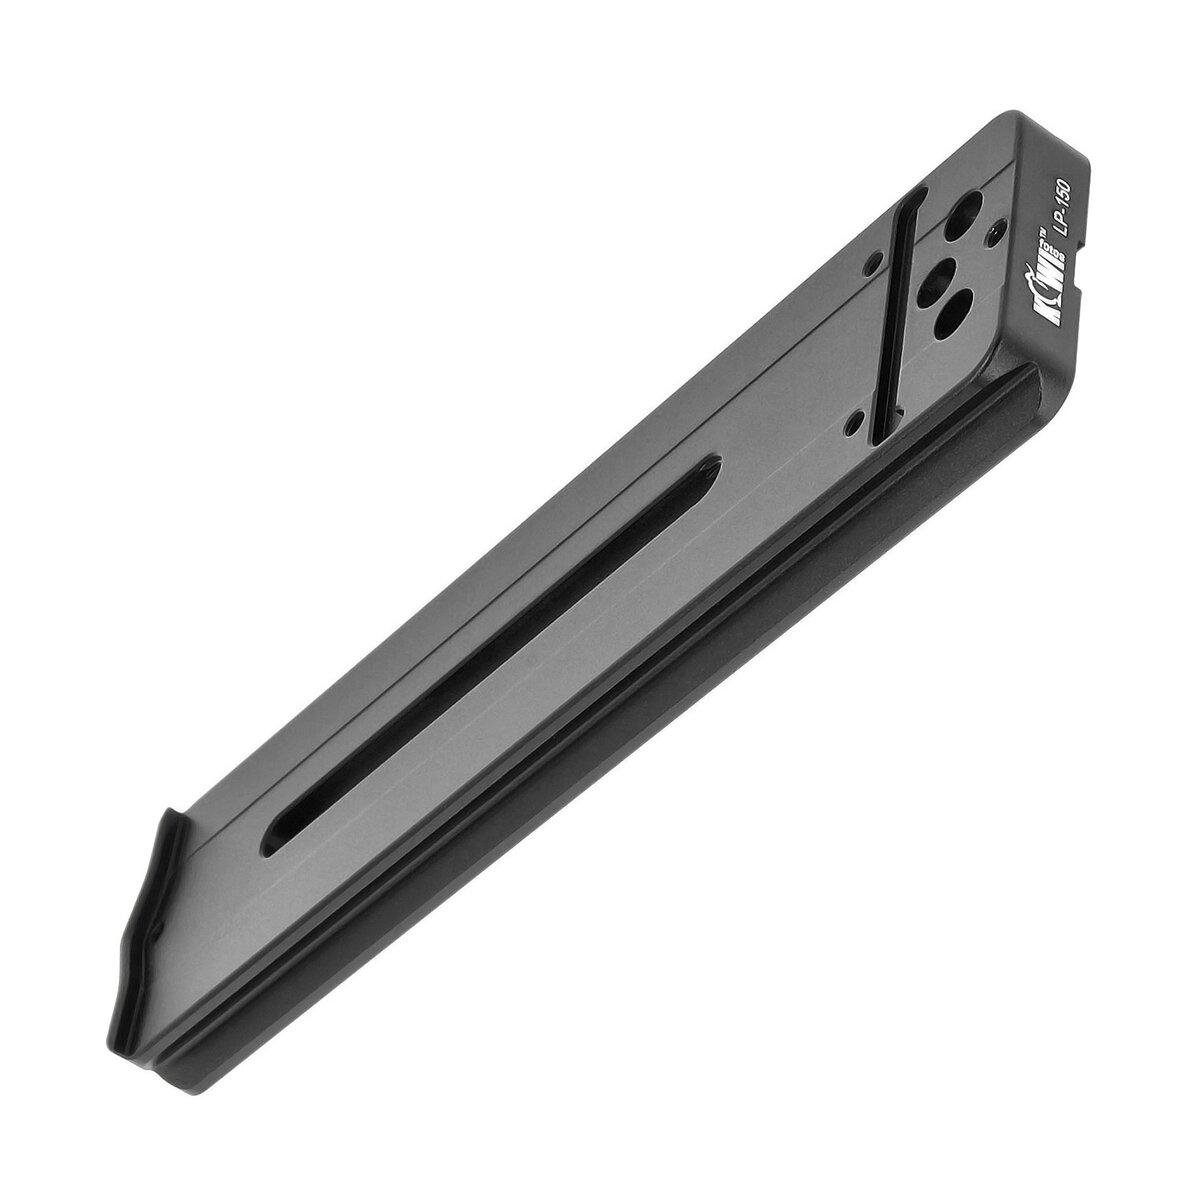 KIWI Schnellwechselplatte für Objektive geeignet für Nikon Canon Sigma Pentax Sony Objektive qualitativ verarbeitet aus Aluminium mit Arca-Swiss Schnellspanner System - LP-150